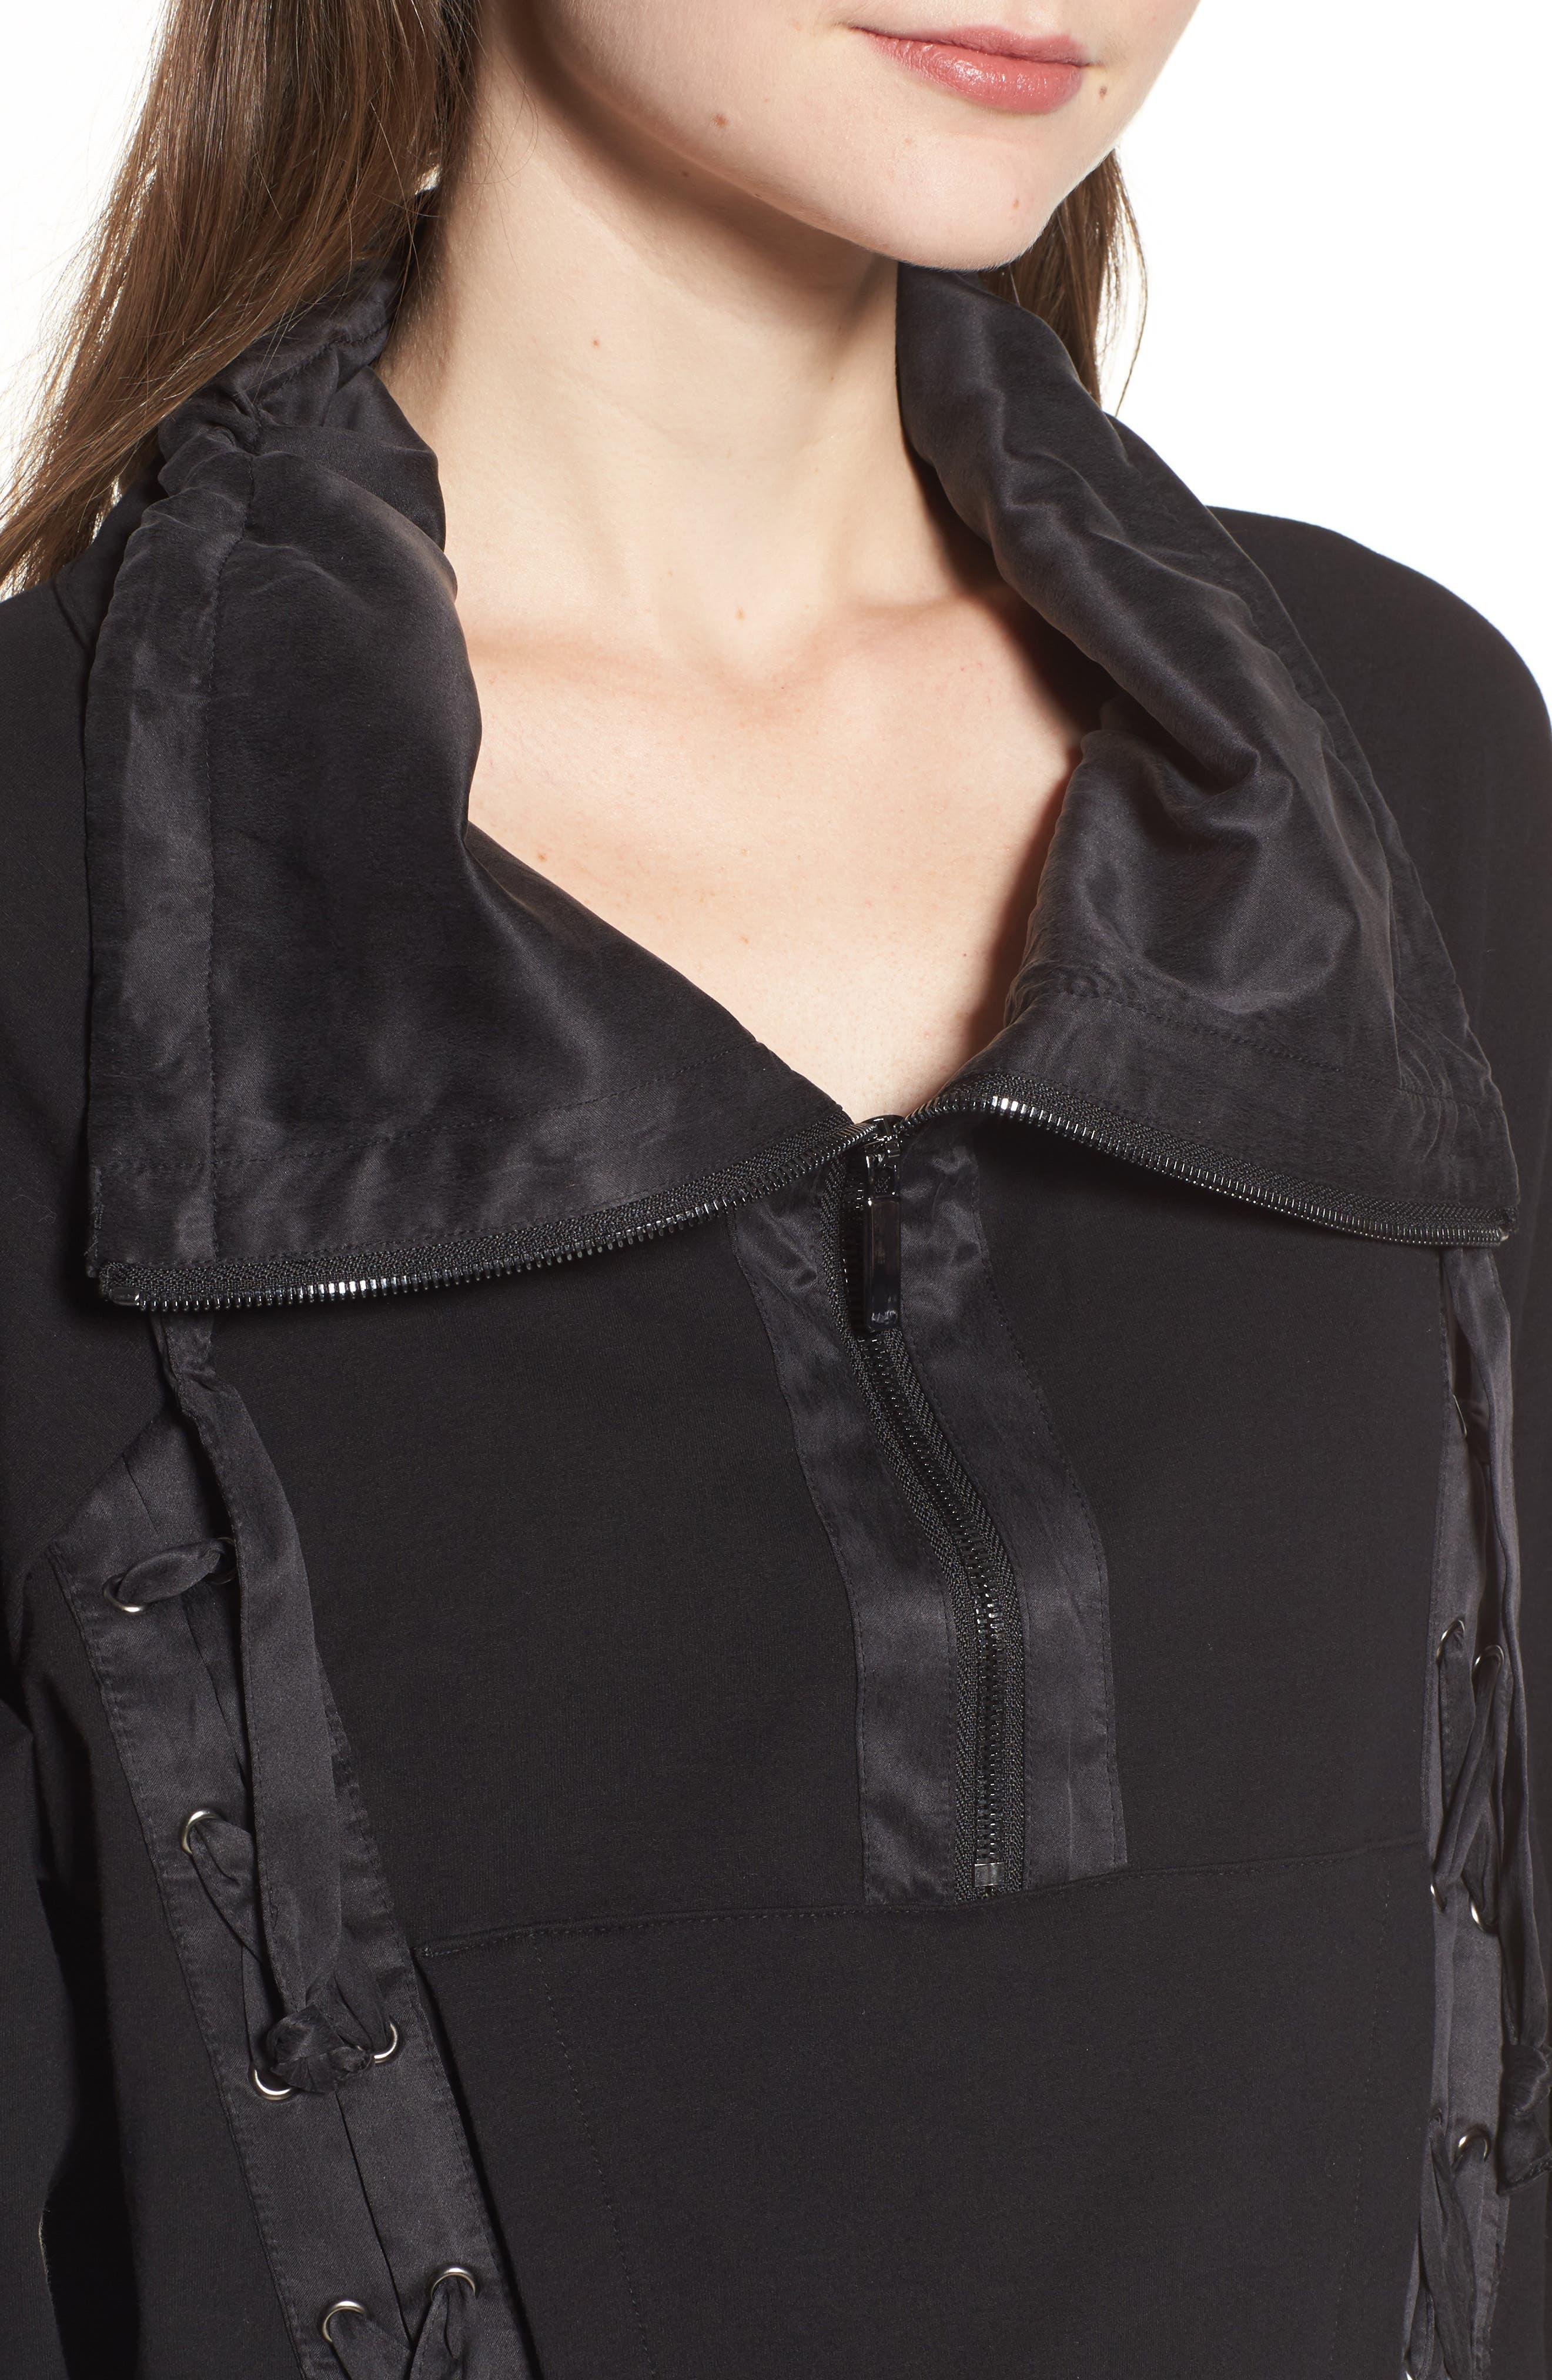 Lace-Up Sweatshirt,                             Alternate thumbnail 4, color,                             Black